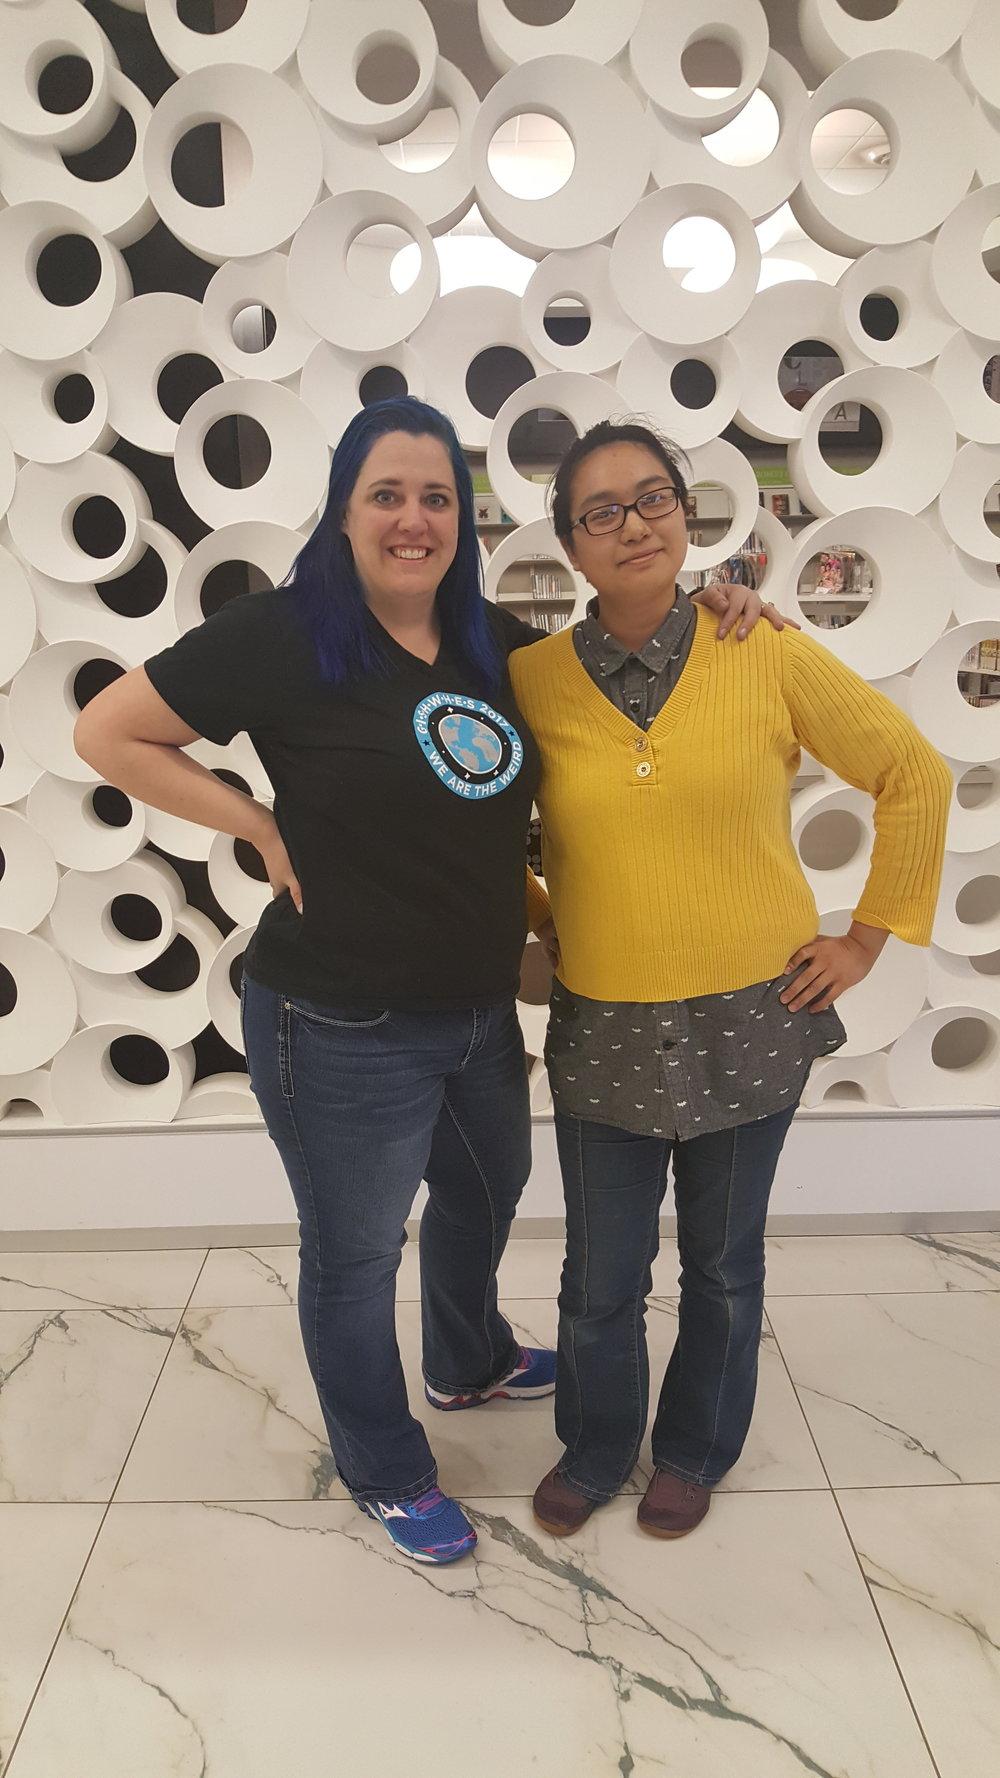 Concierges:  Jolene and Leslie are your Concierges for the Parchment Lounge!